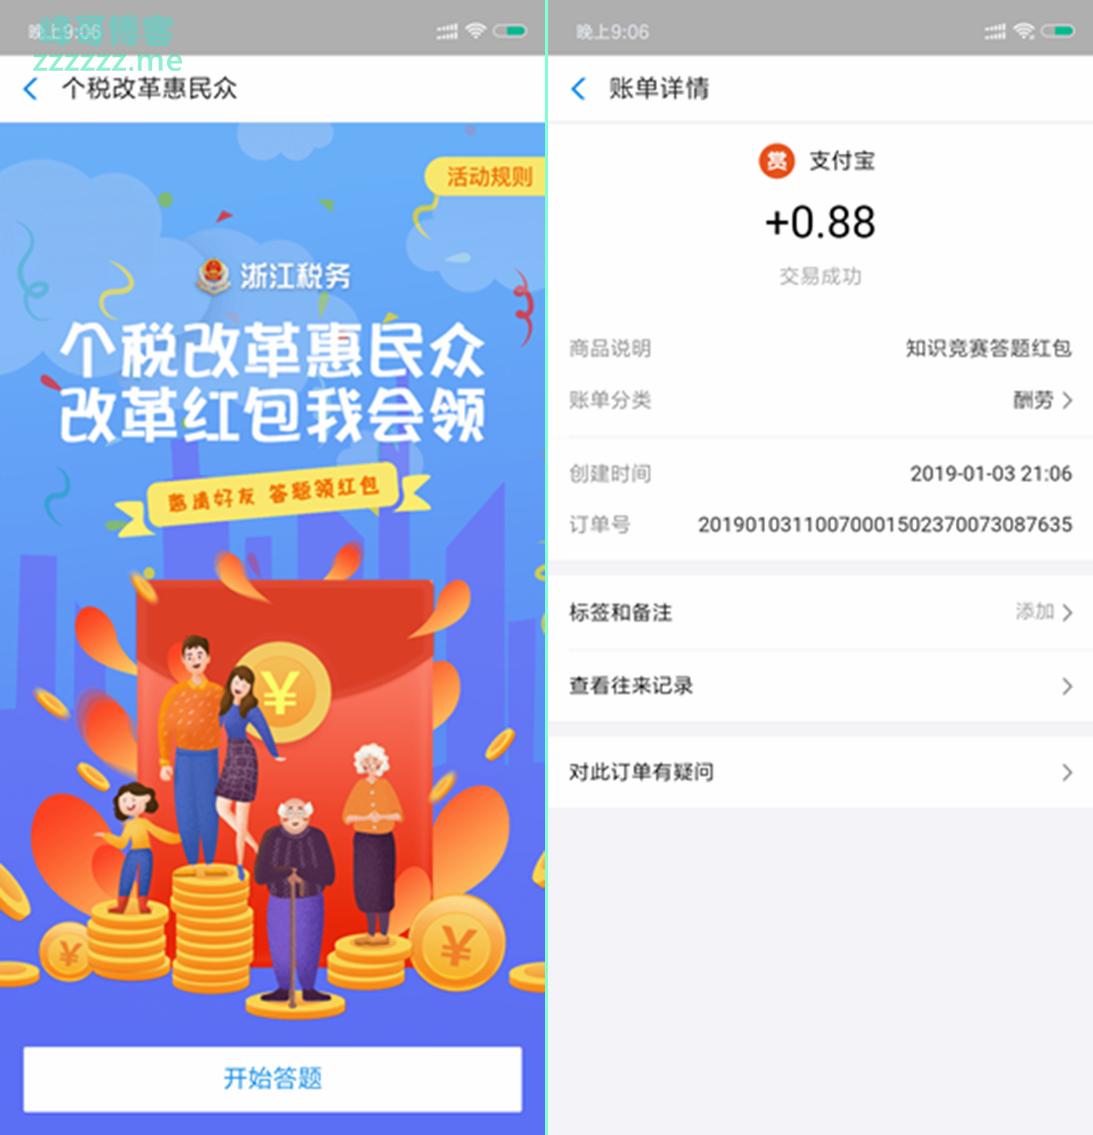 支付宝浙江税务答题抽红包红包 亲测中0.88红包